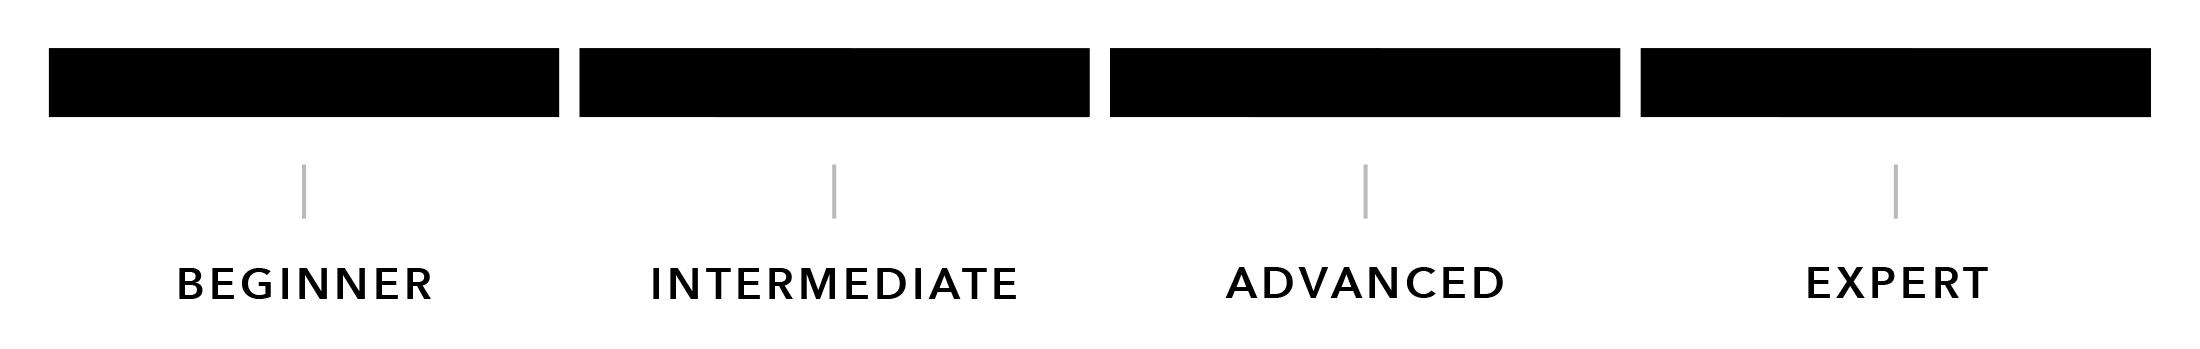 KORUA-Shapes_Level-Bar_Web_2200px-150dpi_AllLevels_ENLSbl3nzP9y7Sw